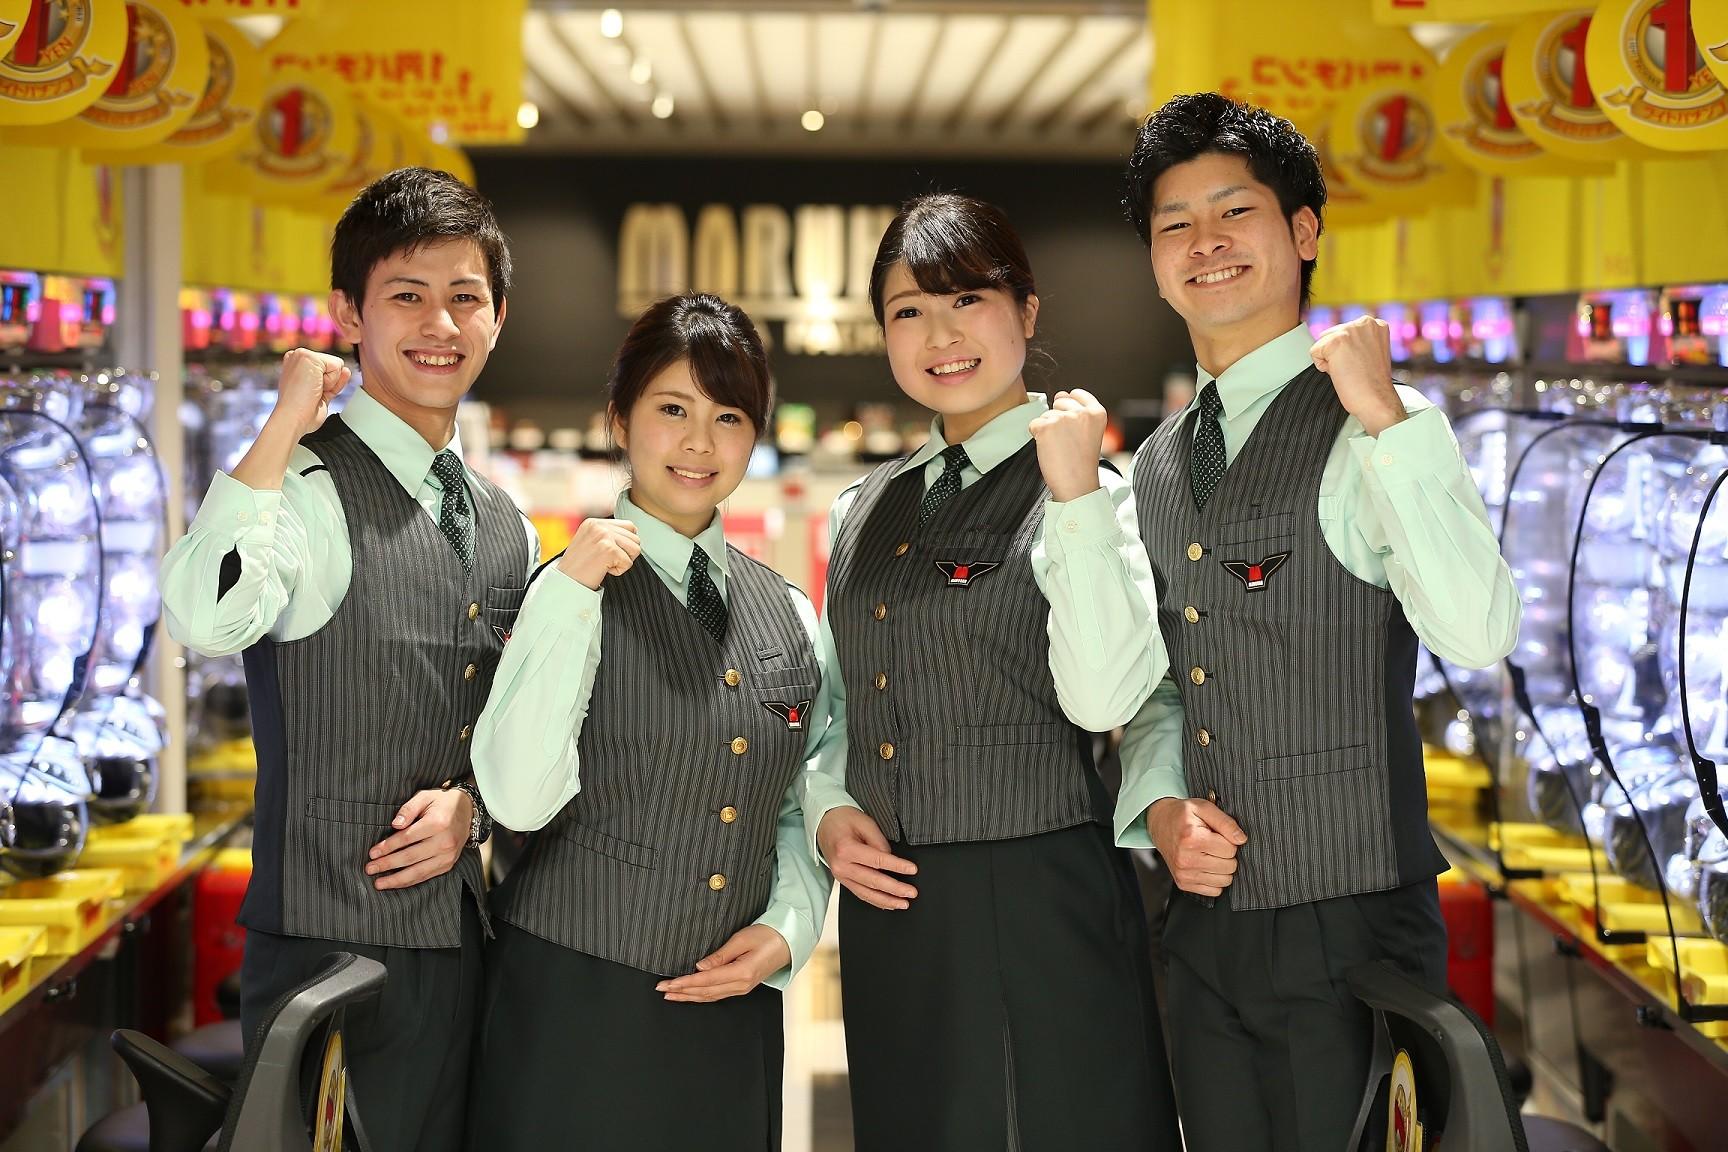 マルハン 加古川店[2913]のアルバイト情報